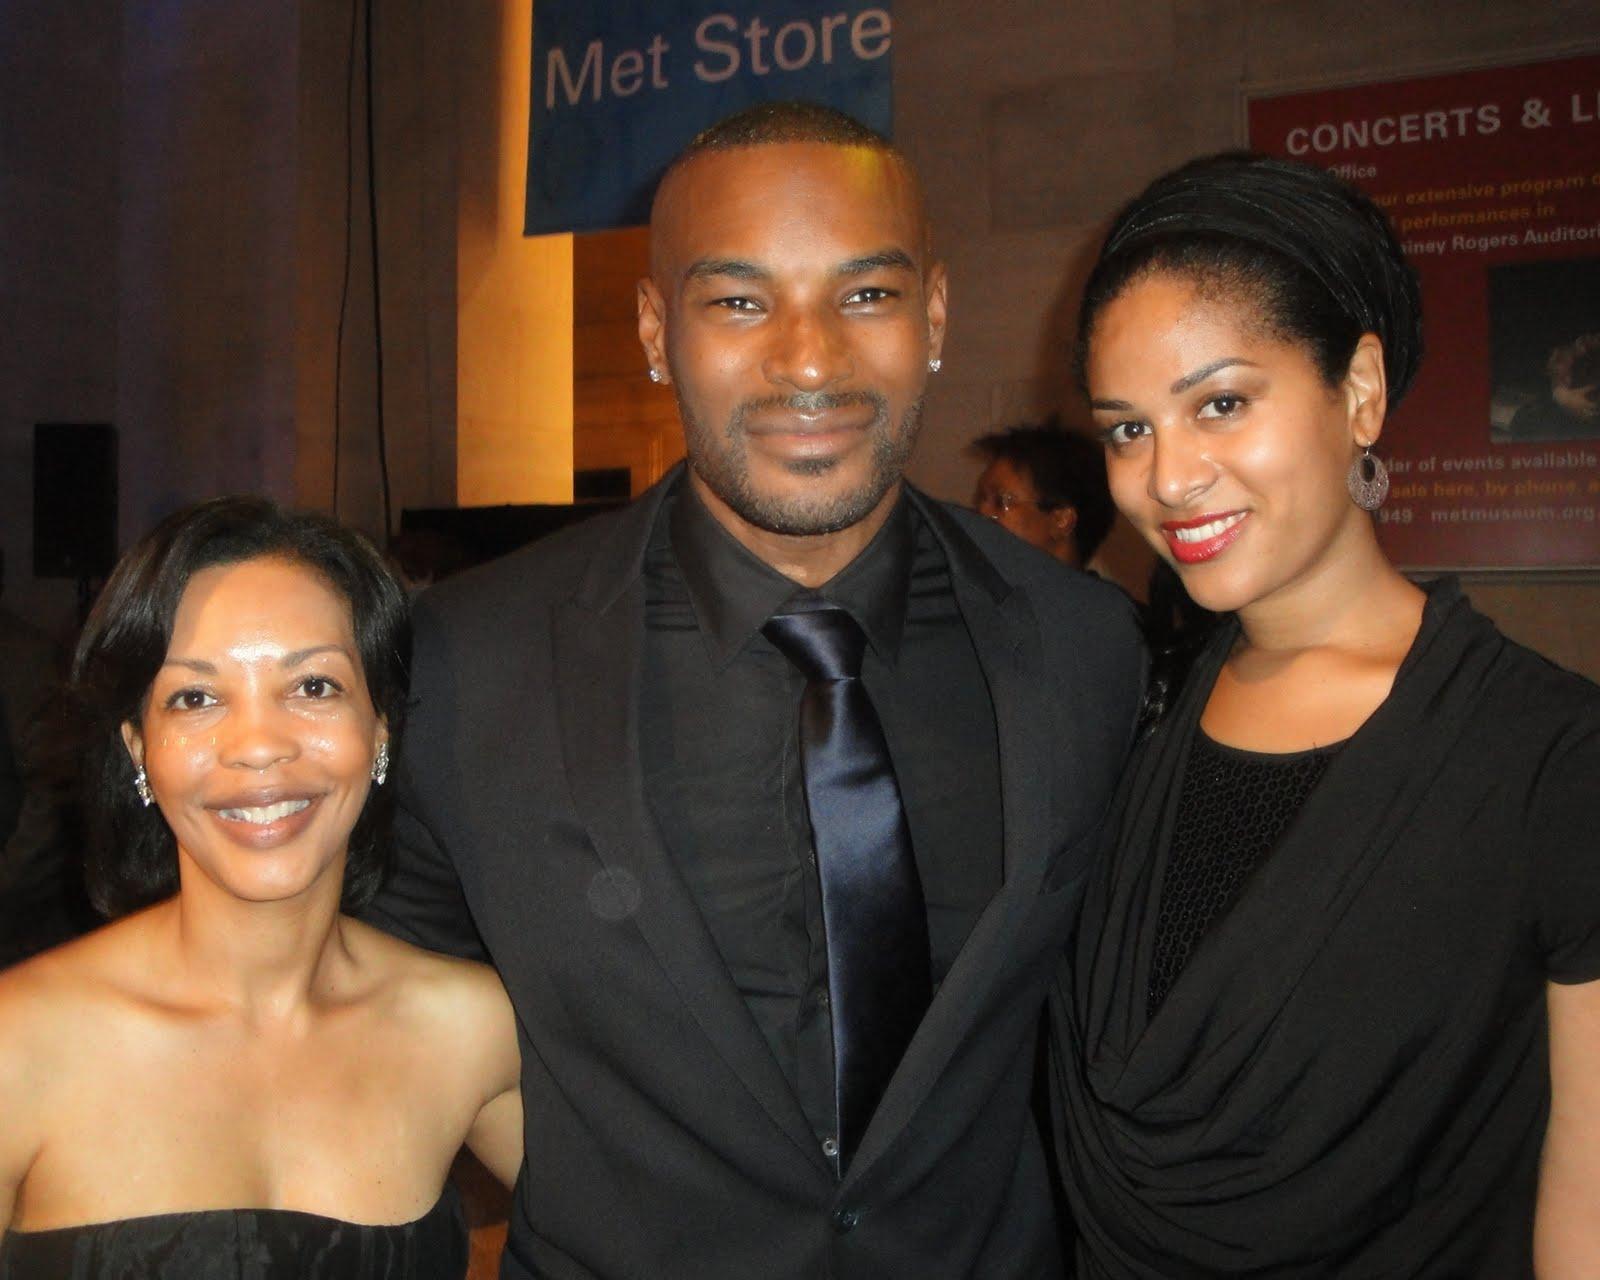 Tyson Beckford Parents Photos Ashley and New York: S...